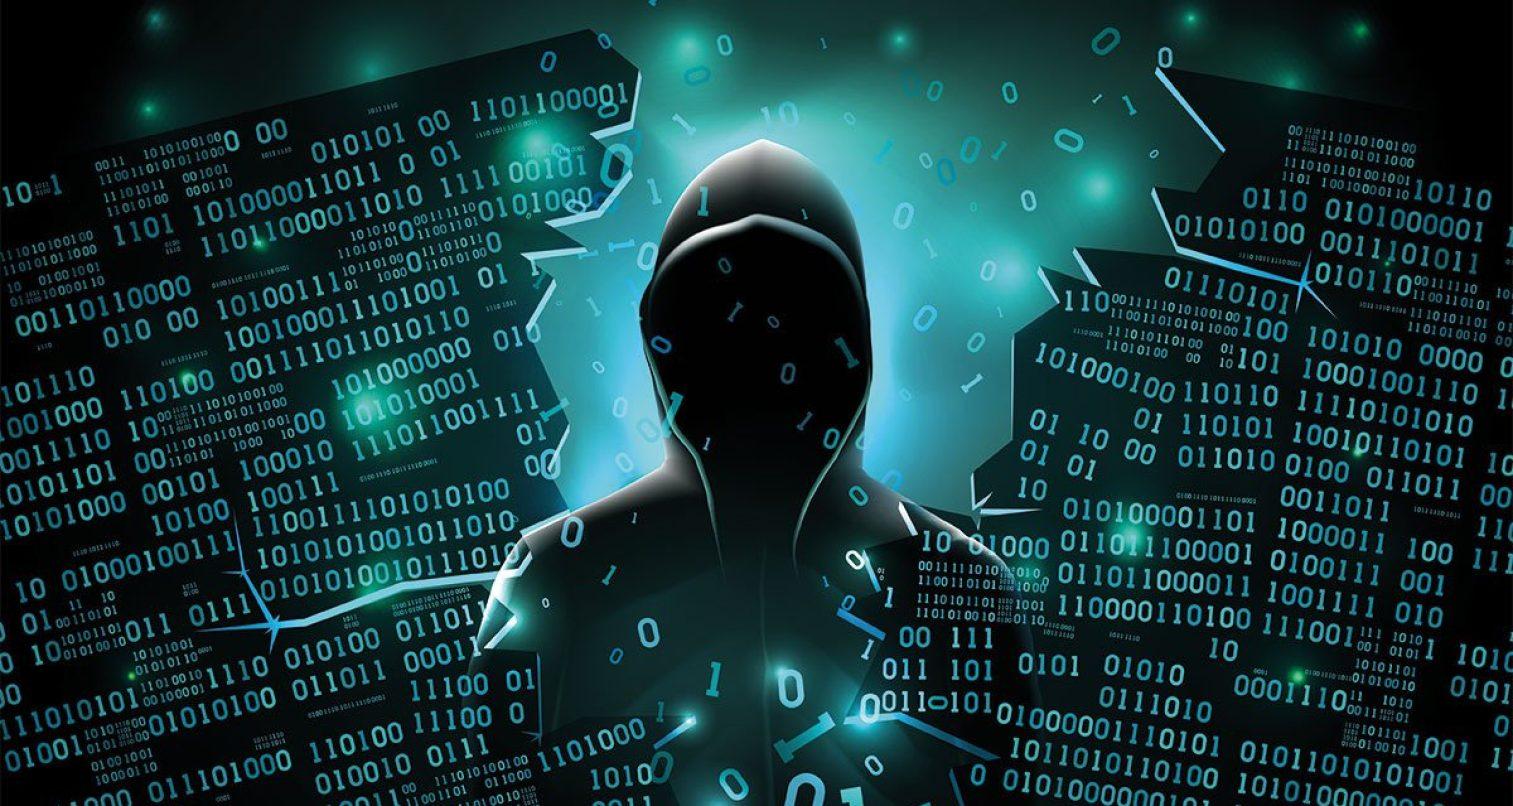 Darknet Hacker Code